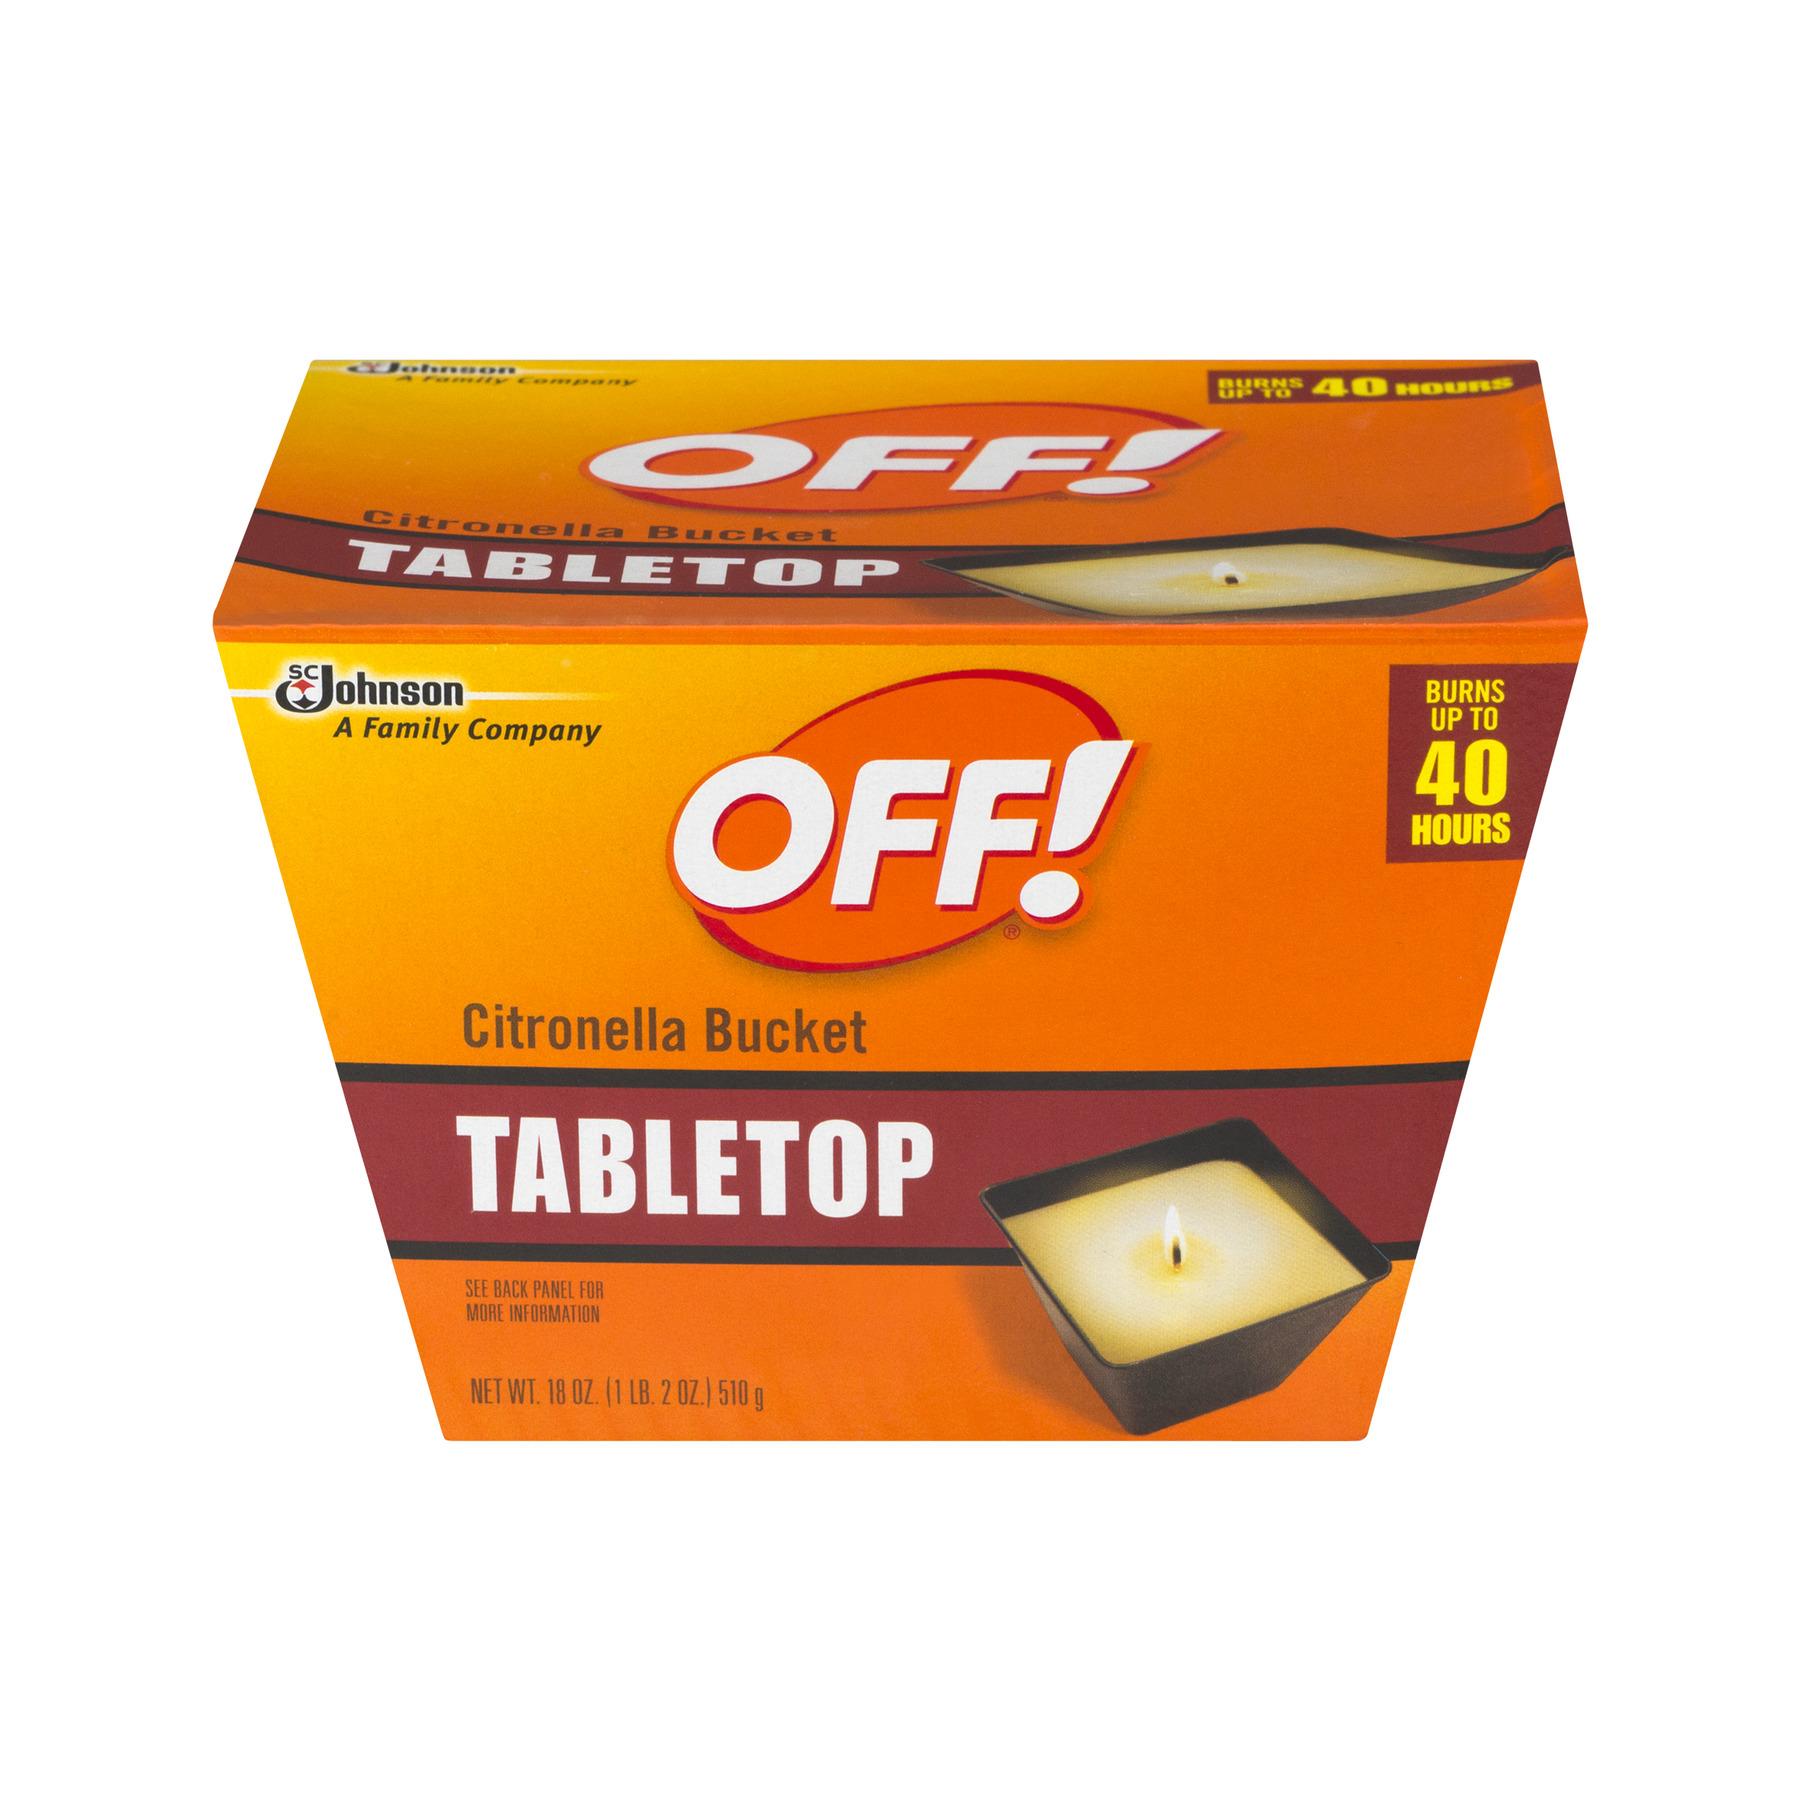 OFF! Tabletop Citronella Bucket, 18.0 OZ